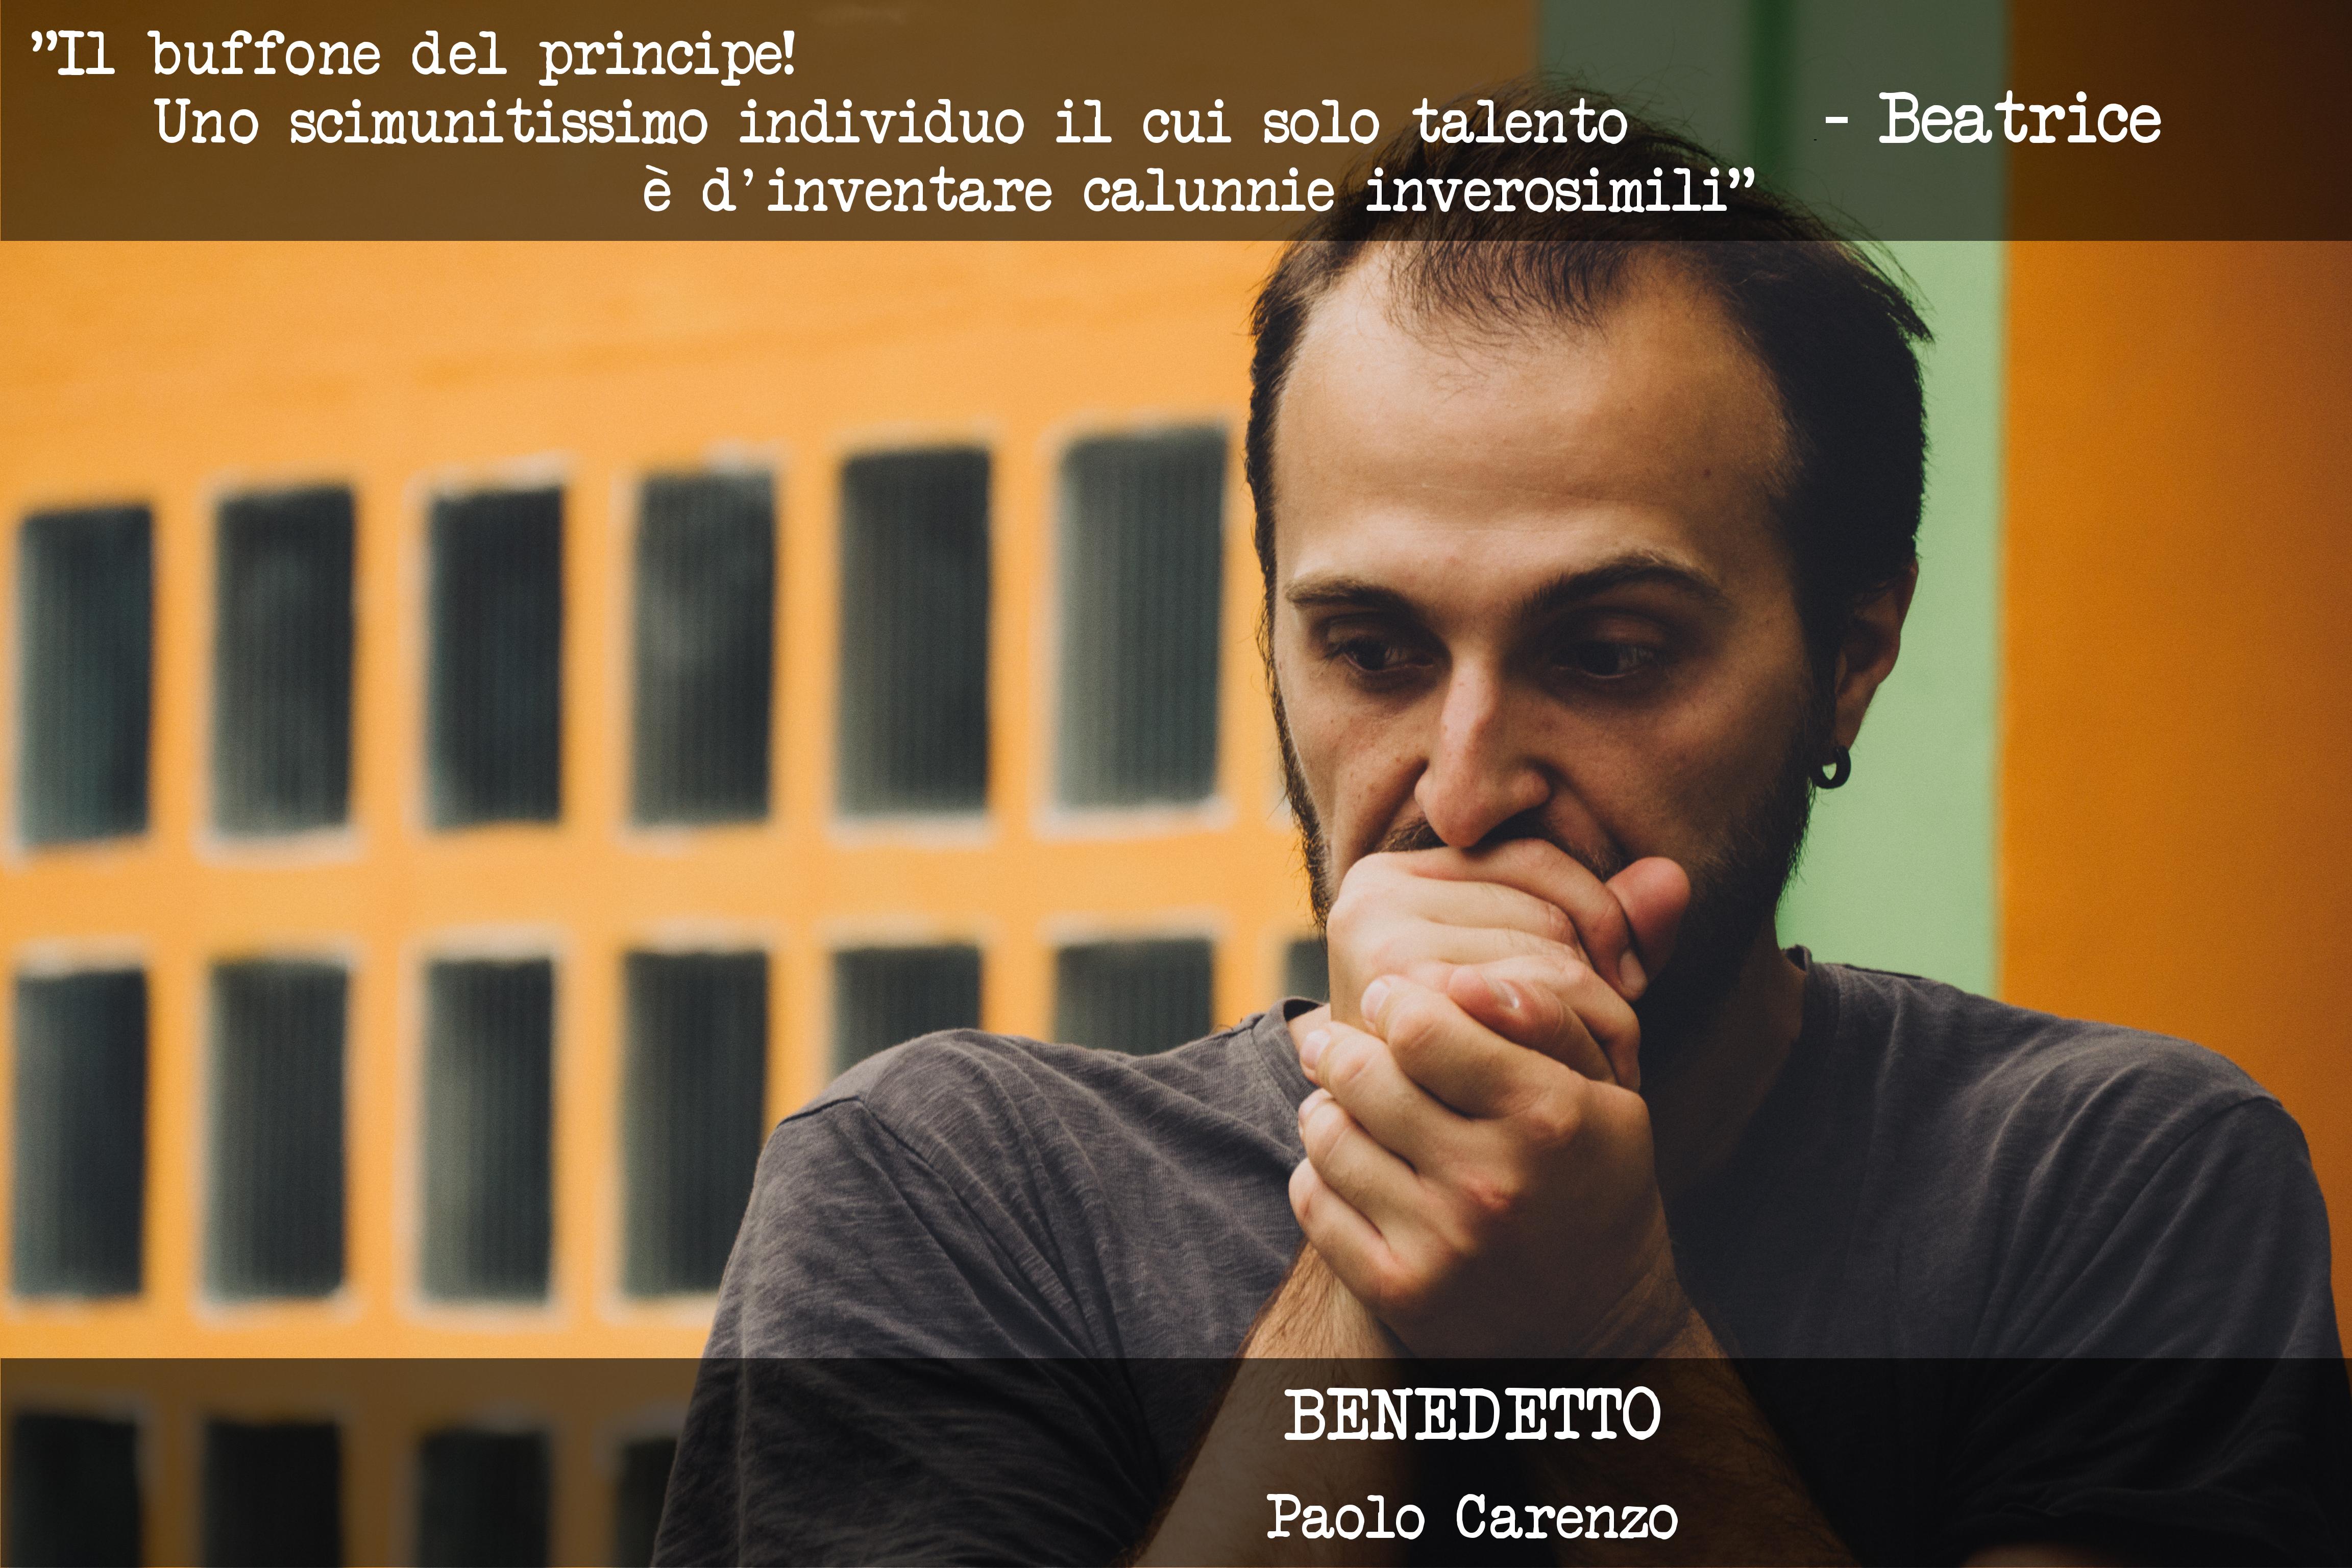 BENEDETTO - Paolo Carenzo